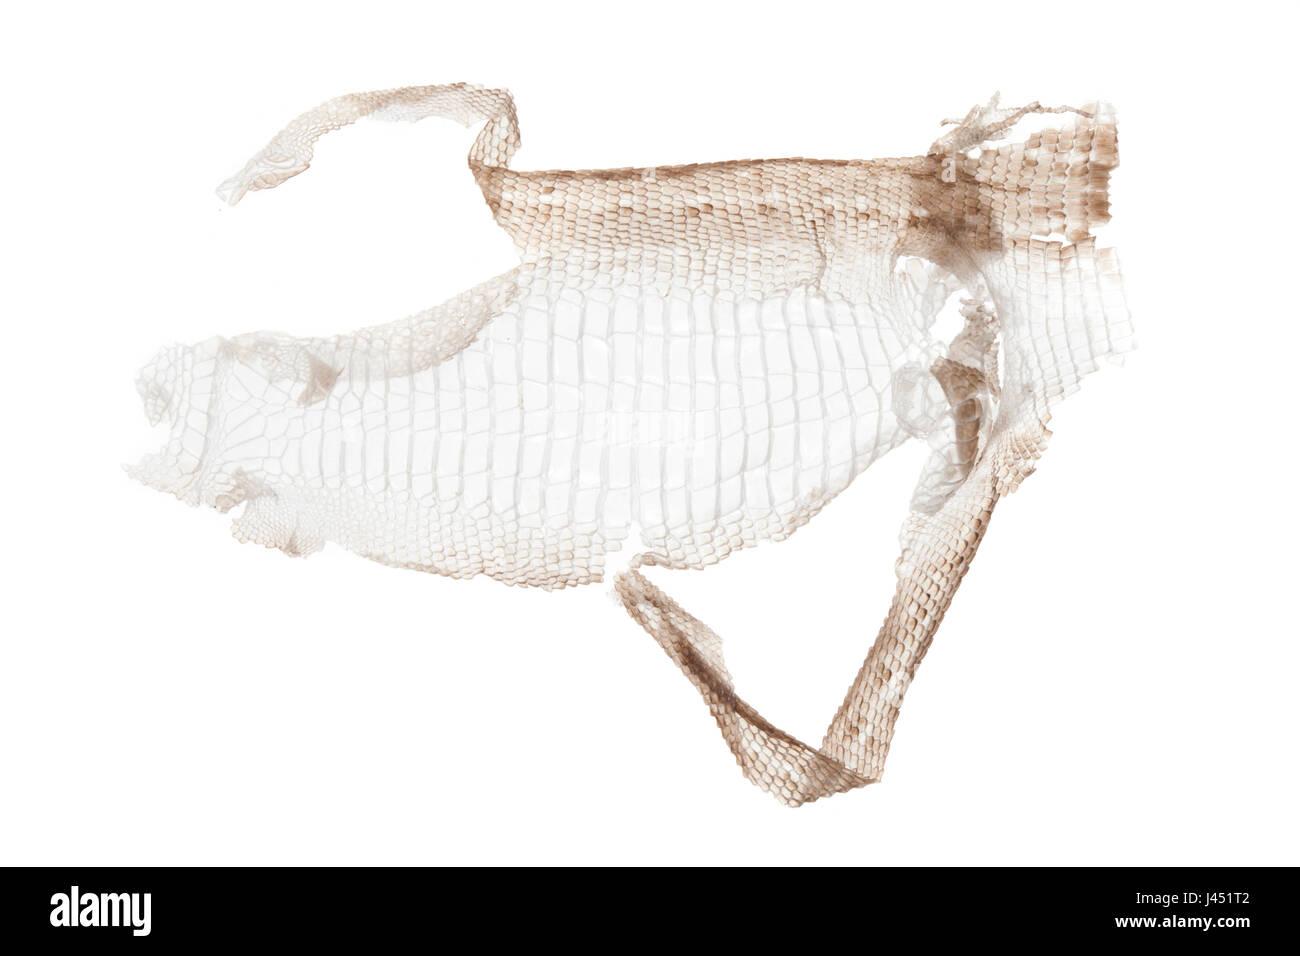 Zootoca Vivipara; Sumpf der gemeinen Eidechse Stockfoto